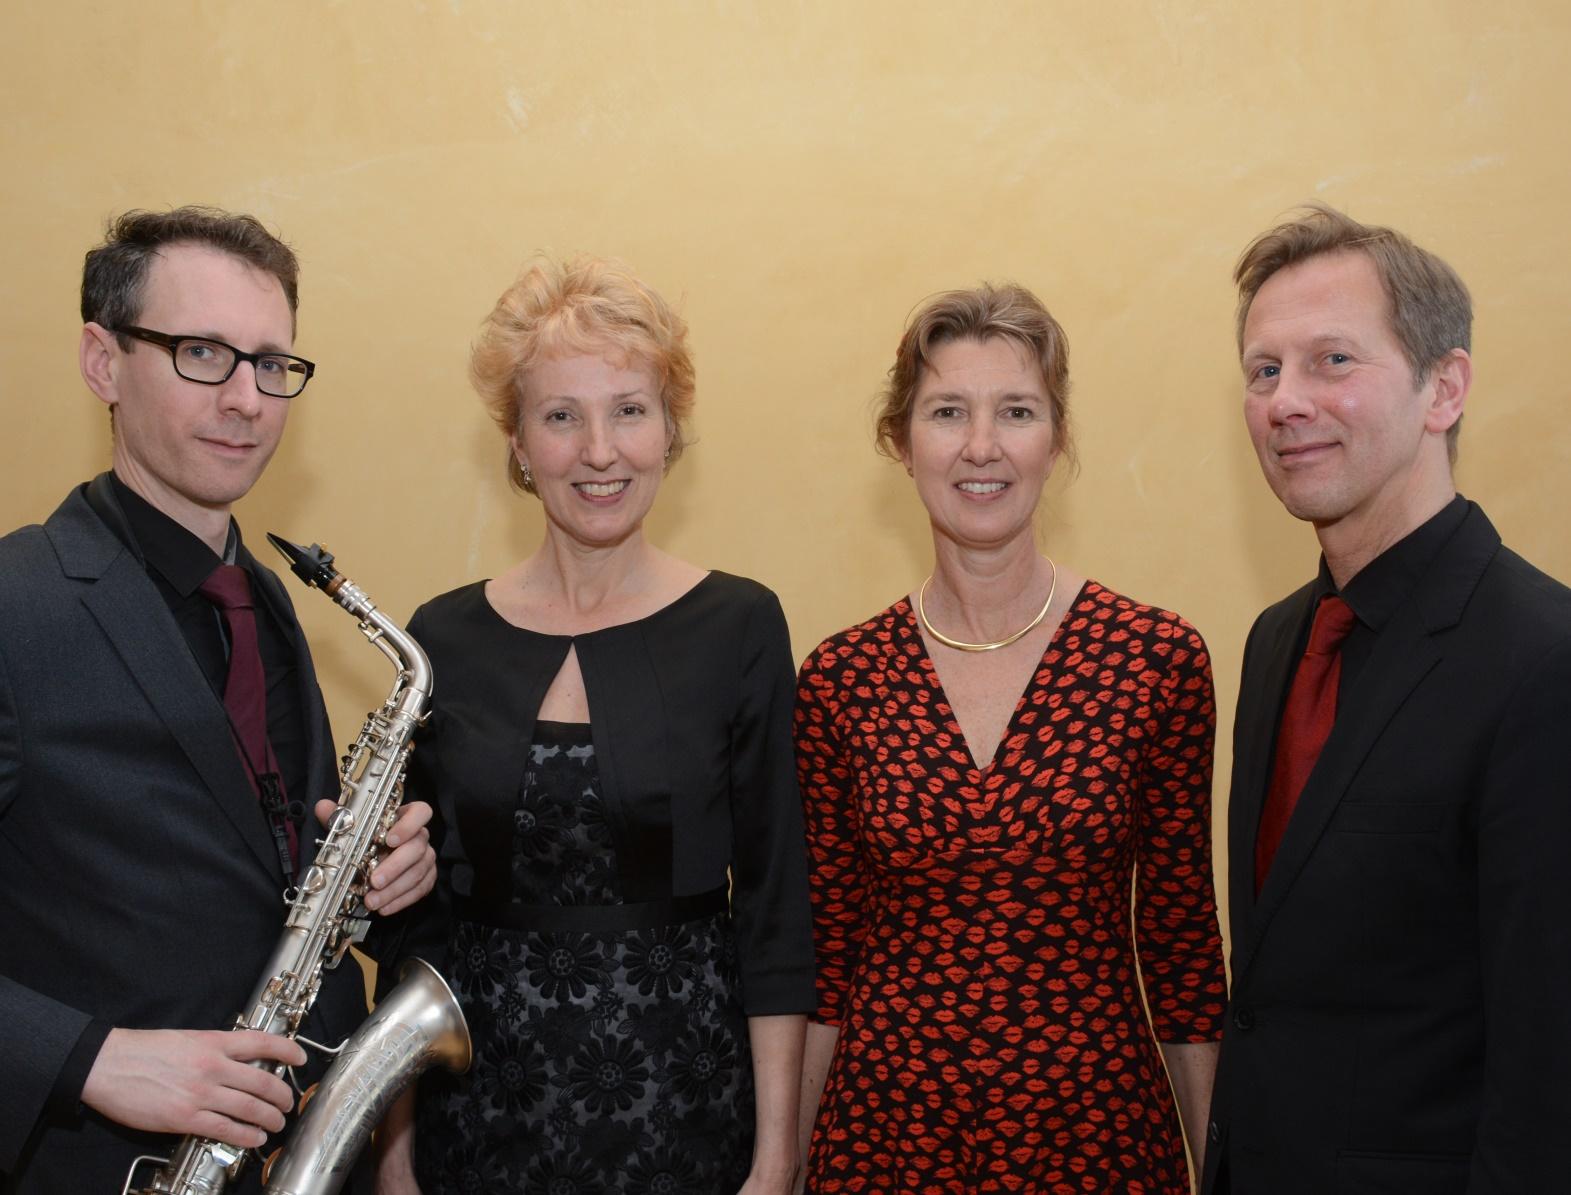 Marijke Franken (mezzosopraan), Liesbeth Reijerkerk (mezzosopraan), Stephan Schoutens (saxofoon) en Winfried Verweij (piano)